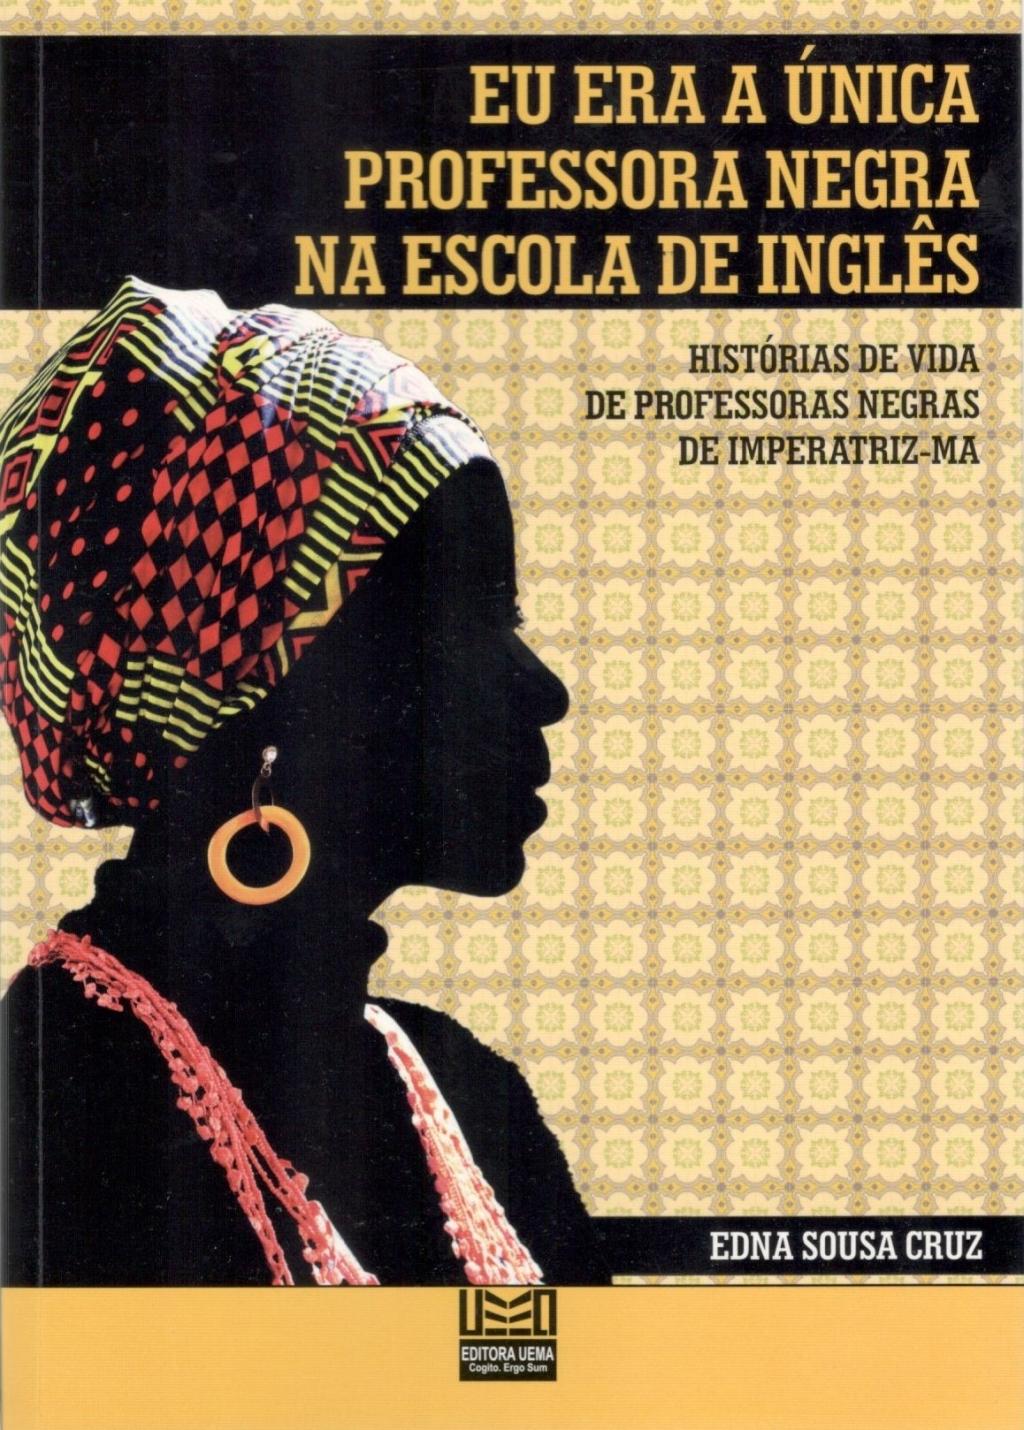 Eu era a única professora negra na escola de inglês Histórias de vida de professoras negras de Imperatriz -MA